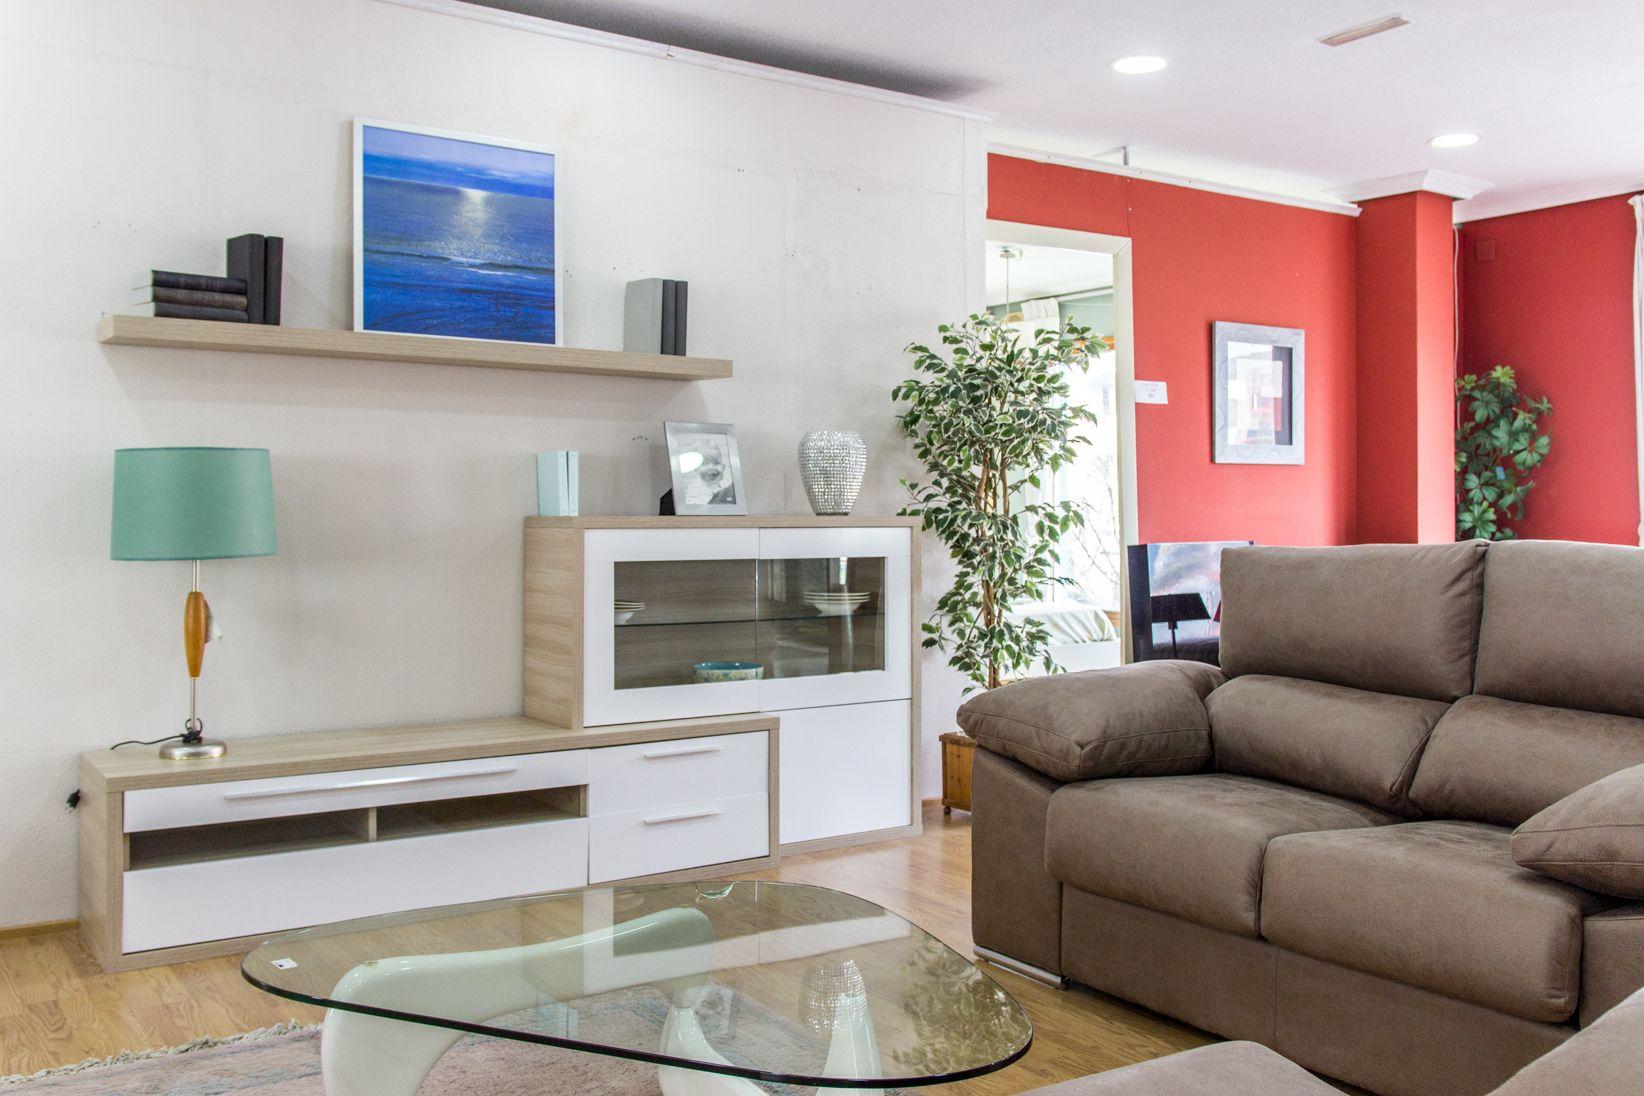 Realizamos el transporte y montaje de tus muebles totalmente gratis